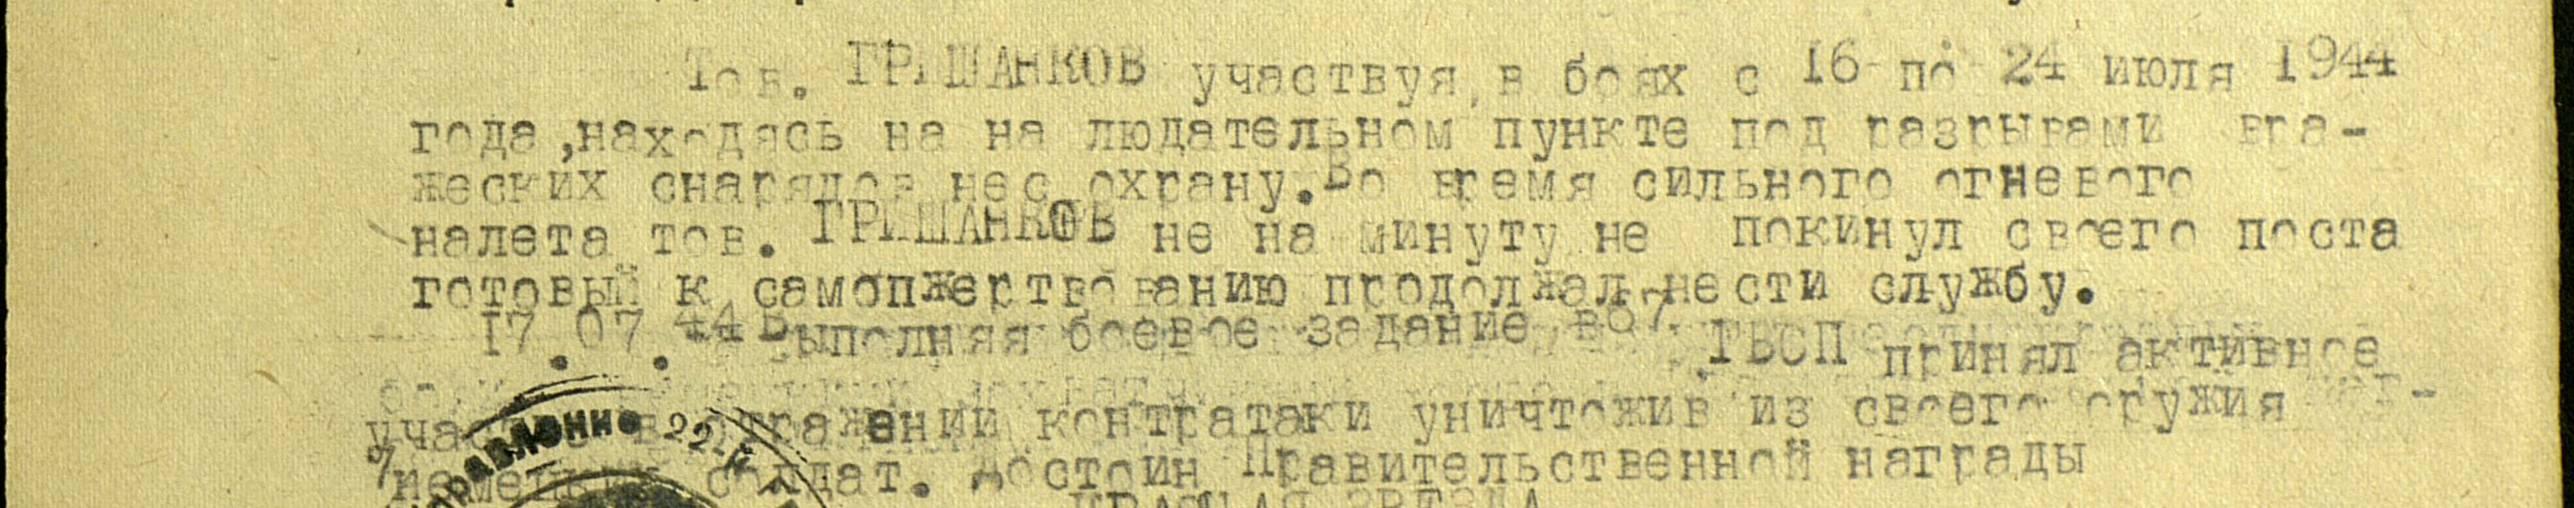 Выписка из приказа о награждении Гришанкова Николая Яковлевича орденом Красной Звезды